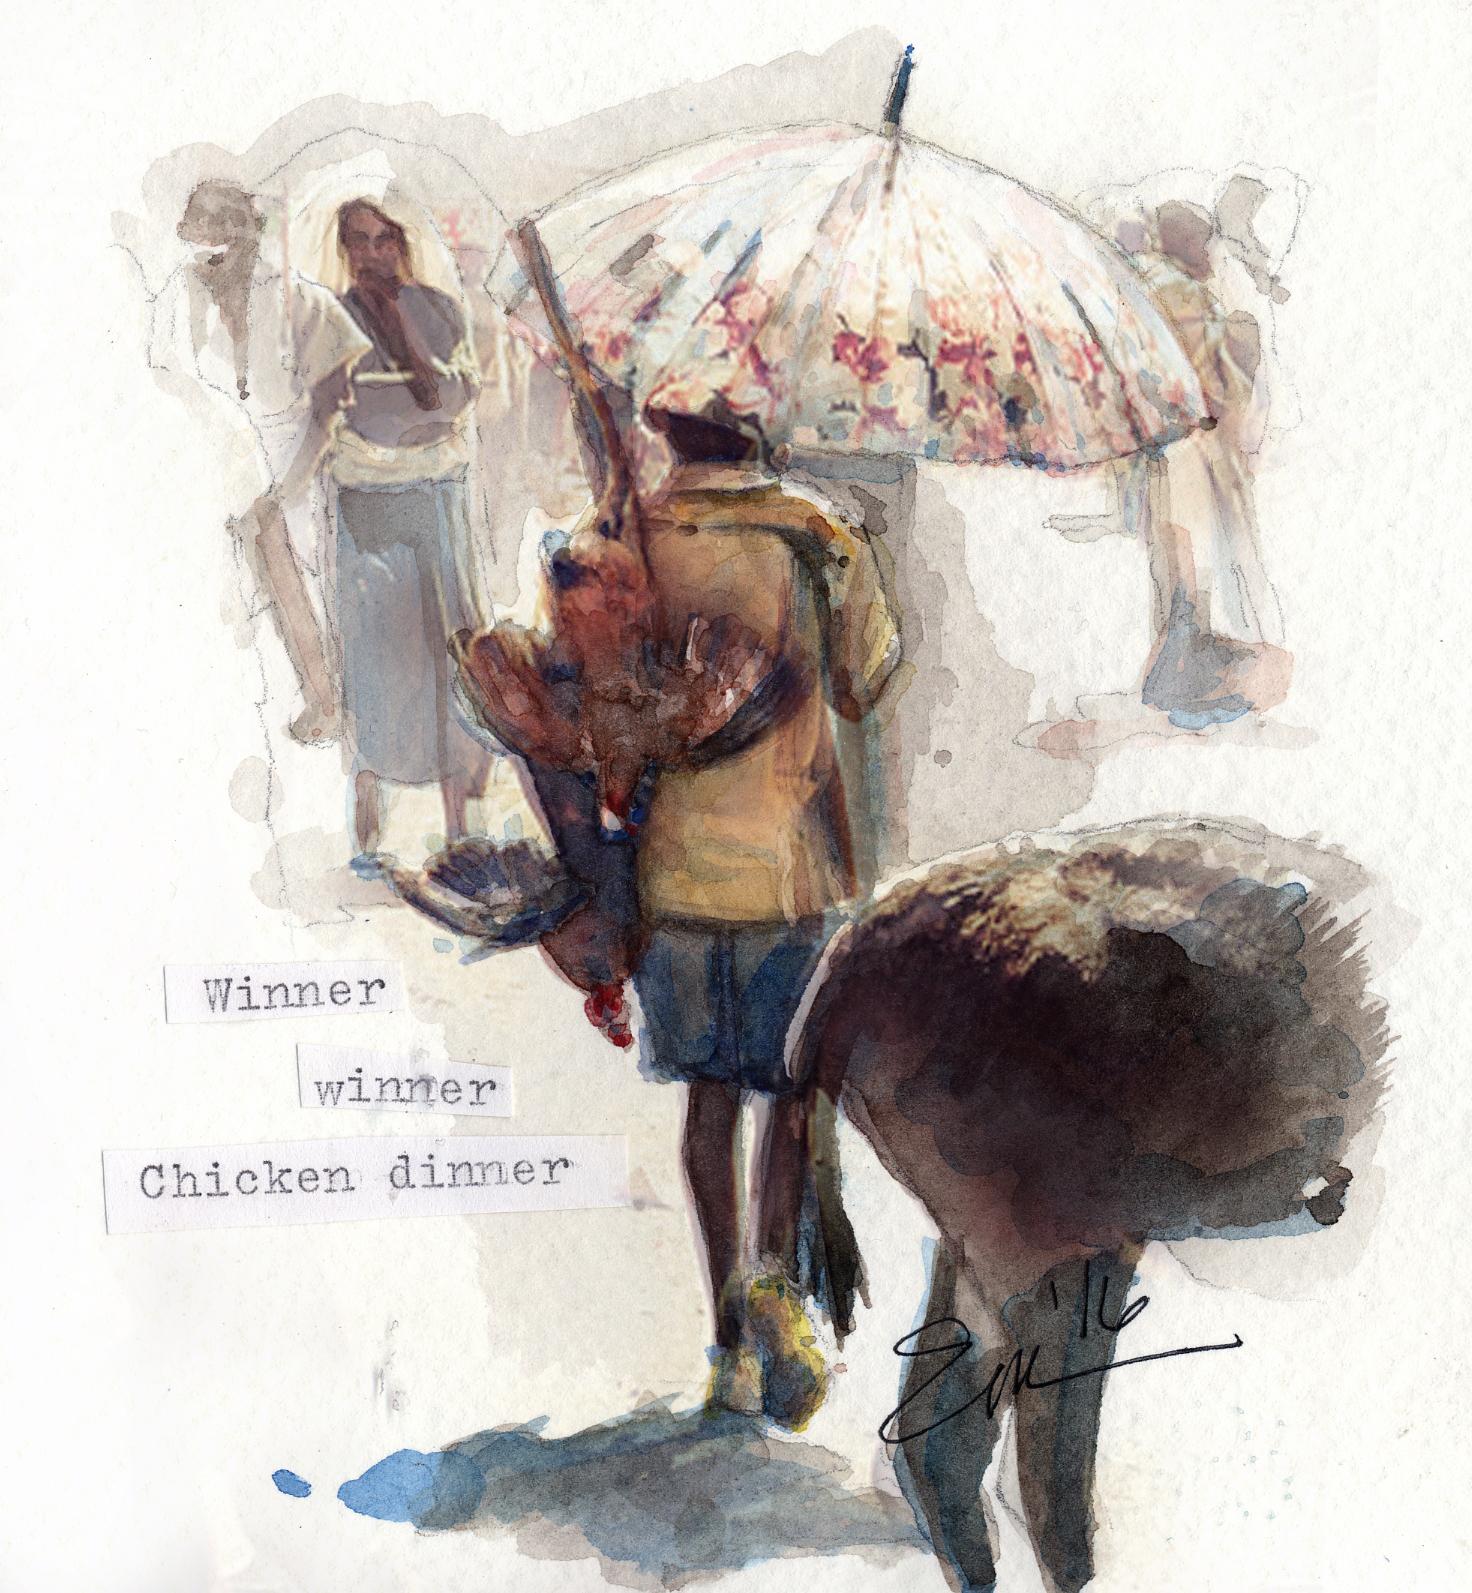 ChickenDinner_.jpg